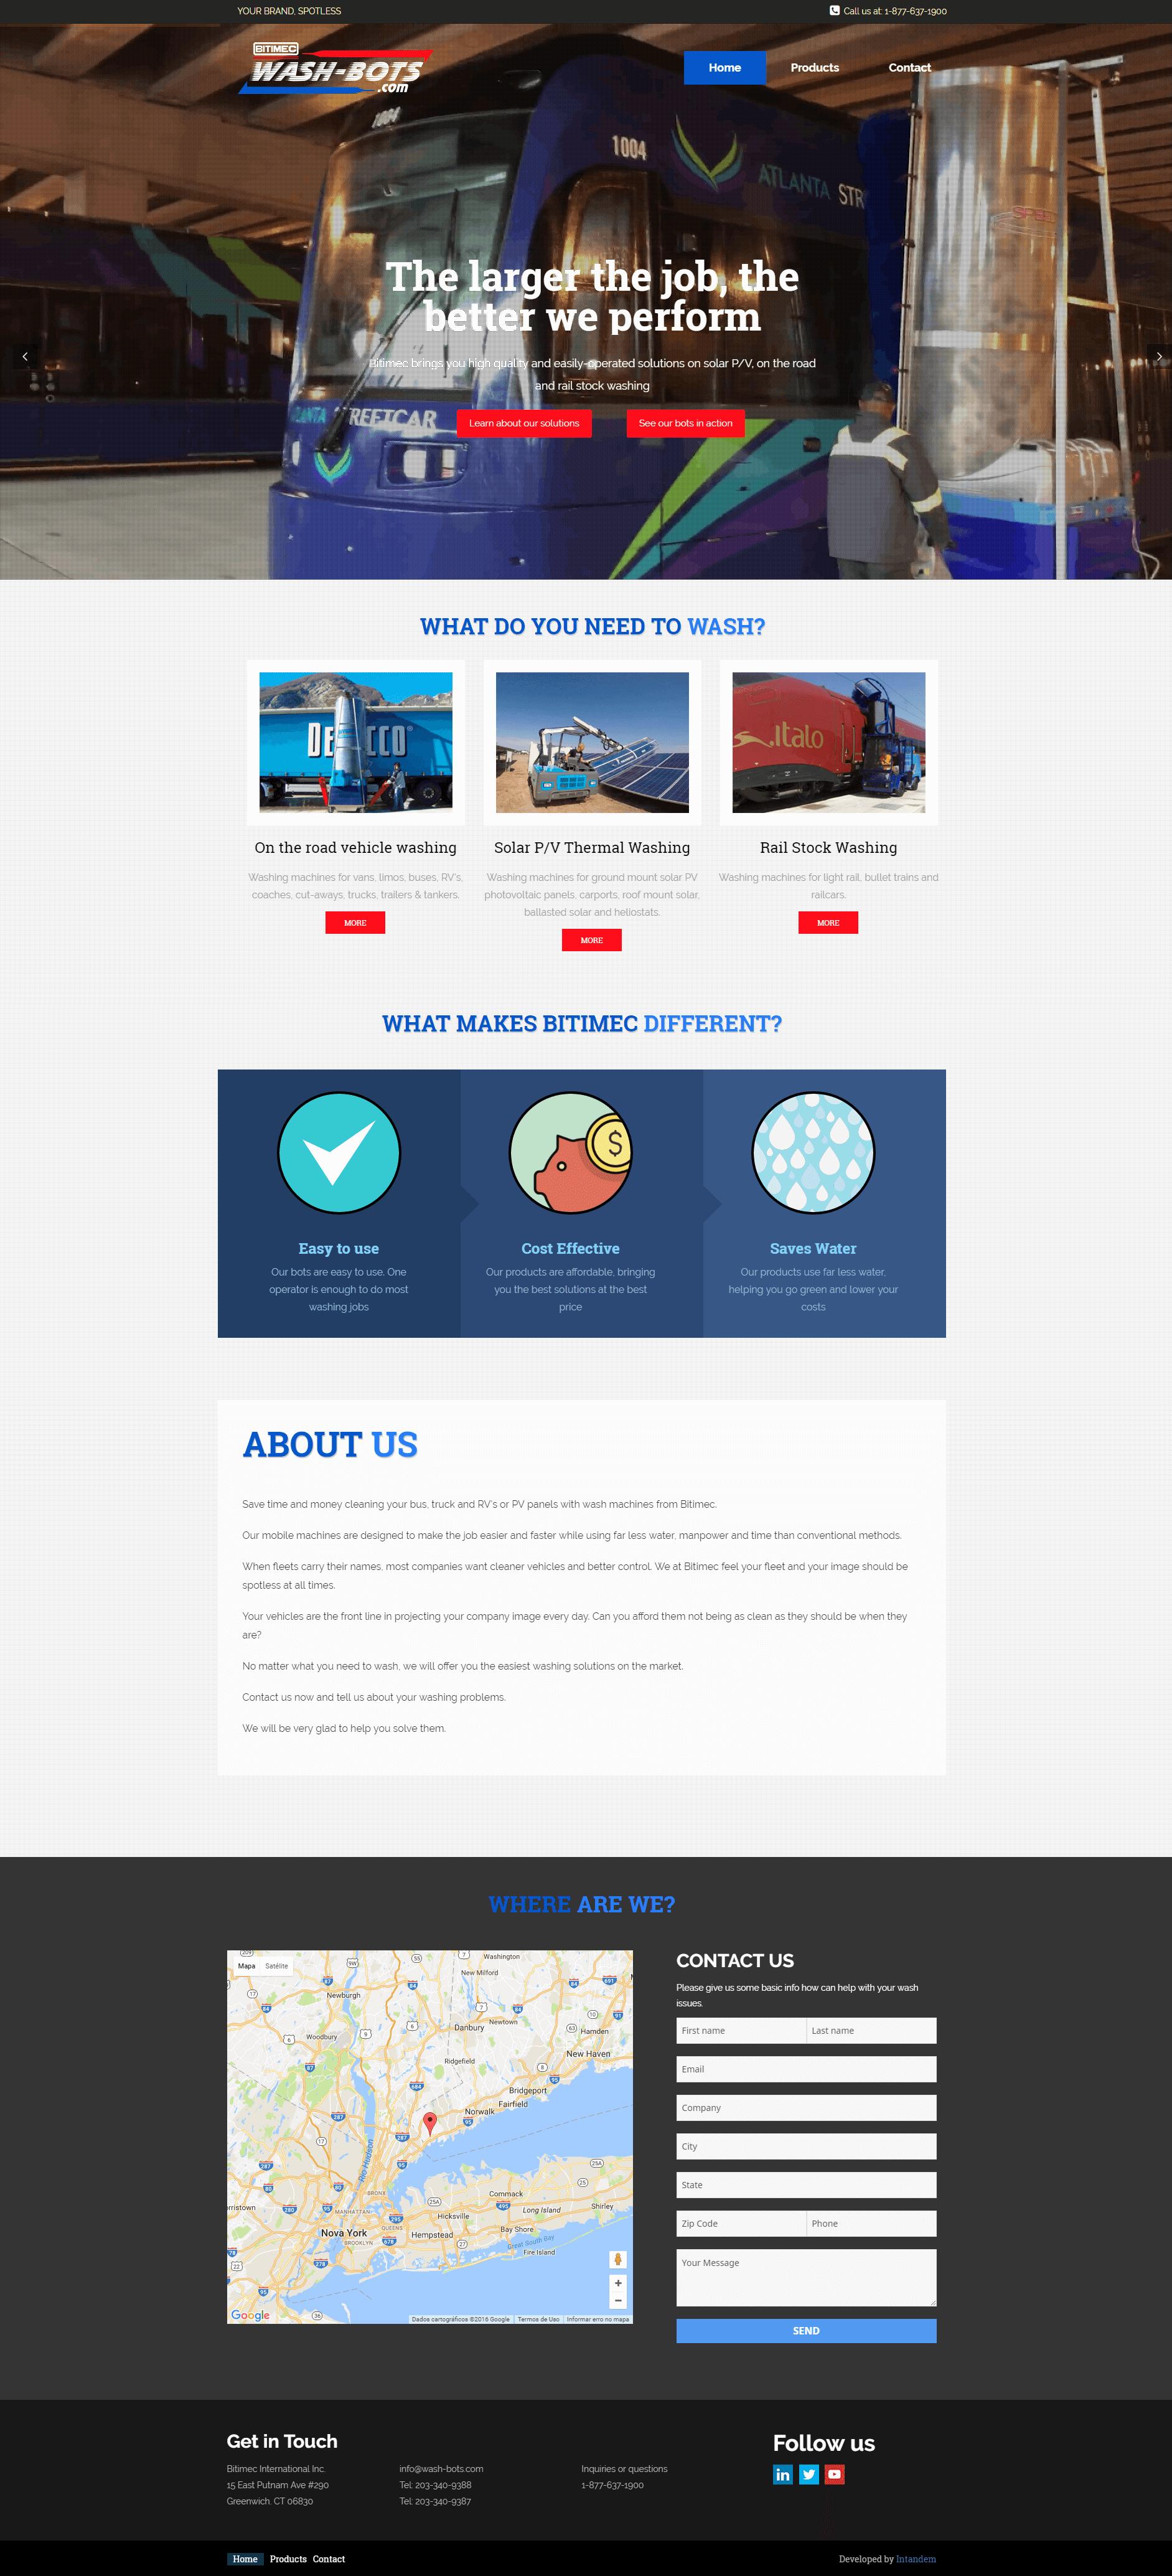 Empresa de limpeza Bitimec International - recriação